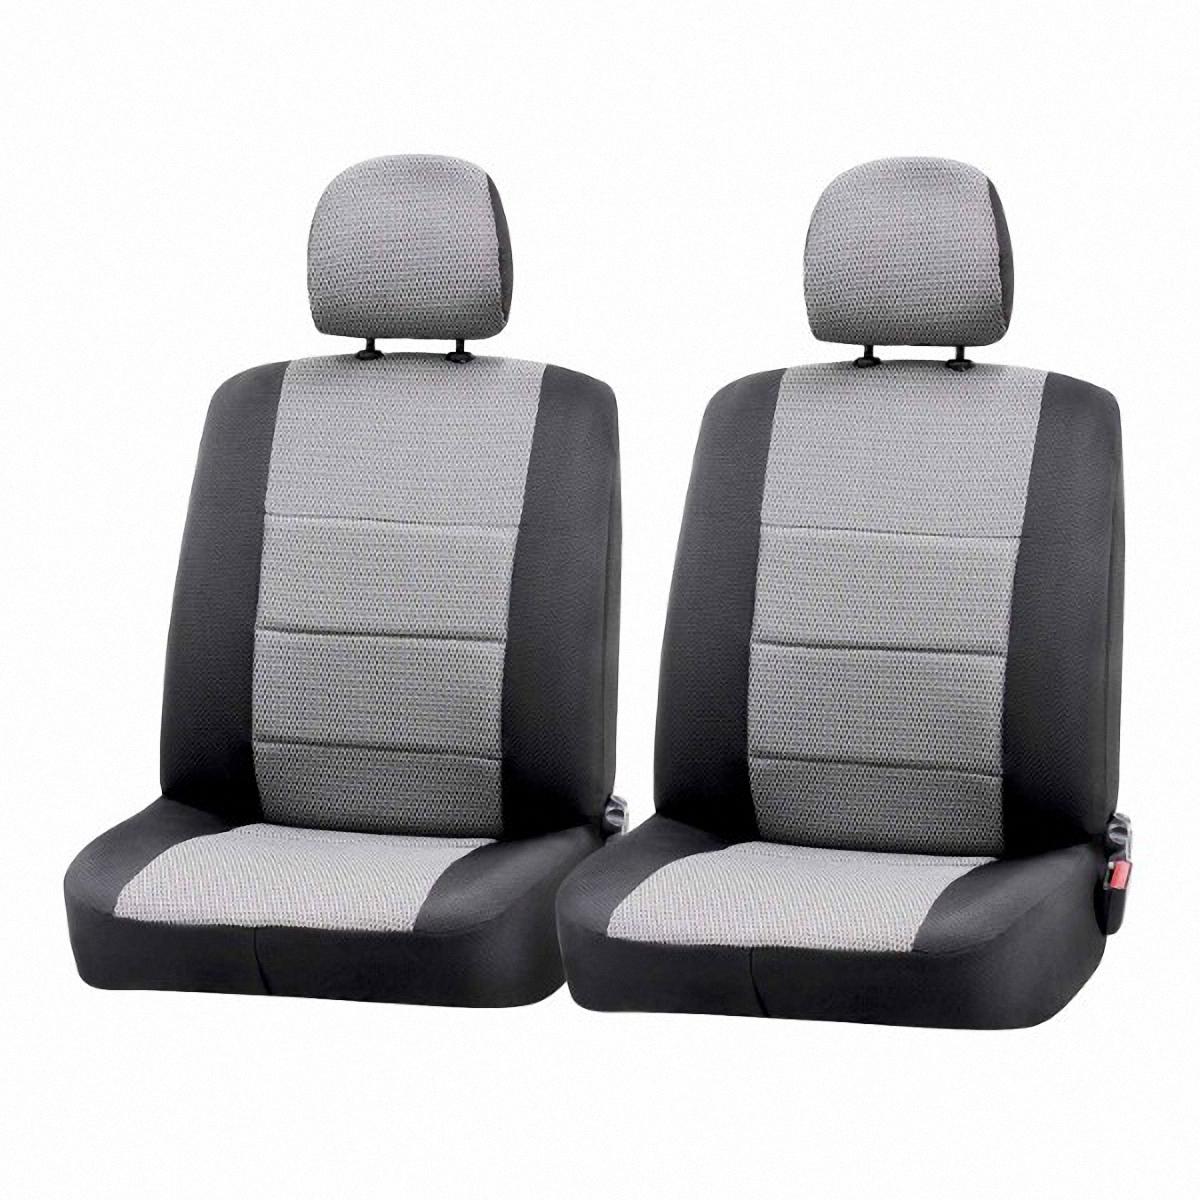 Чехол на сиденье Skyway Volkswagen Polo (седан). Vw1-1 чехол на сиденье skyway toyota corolla седан ty1 2k